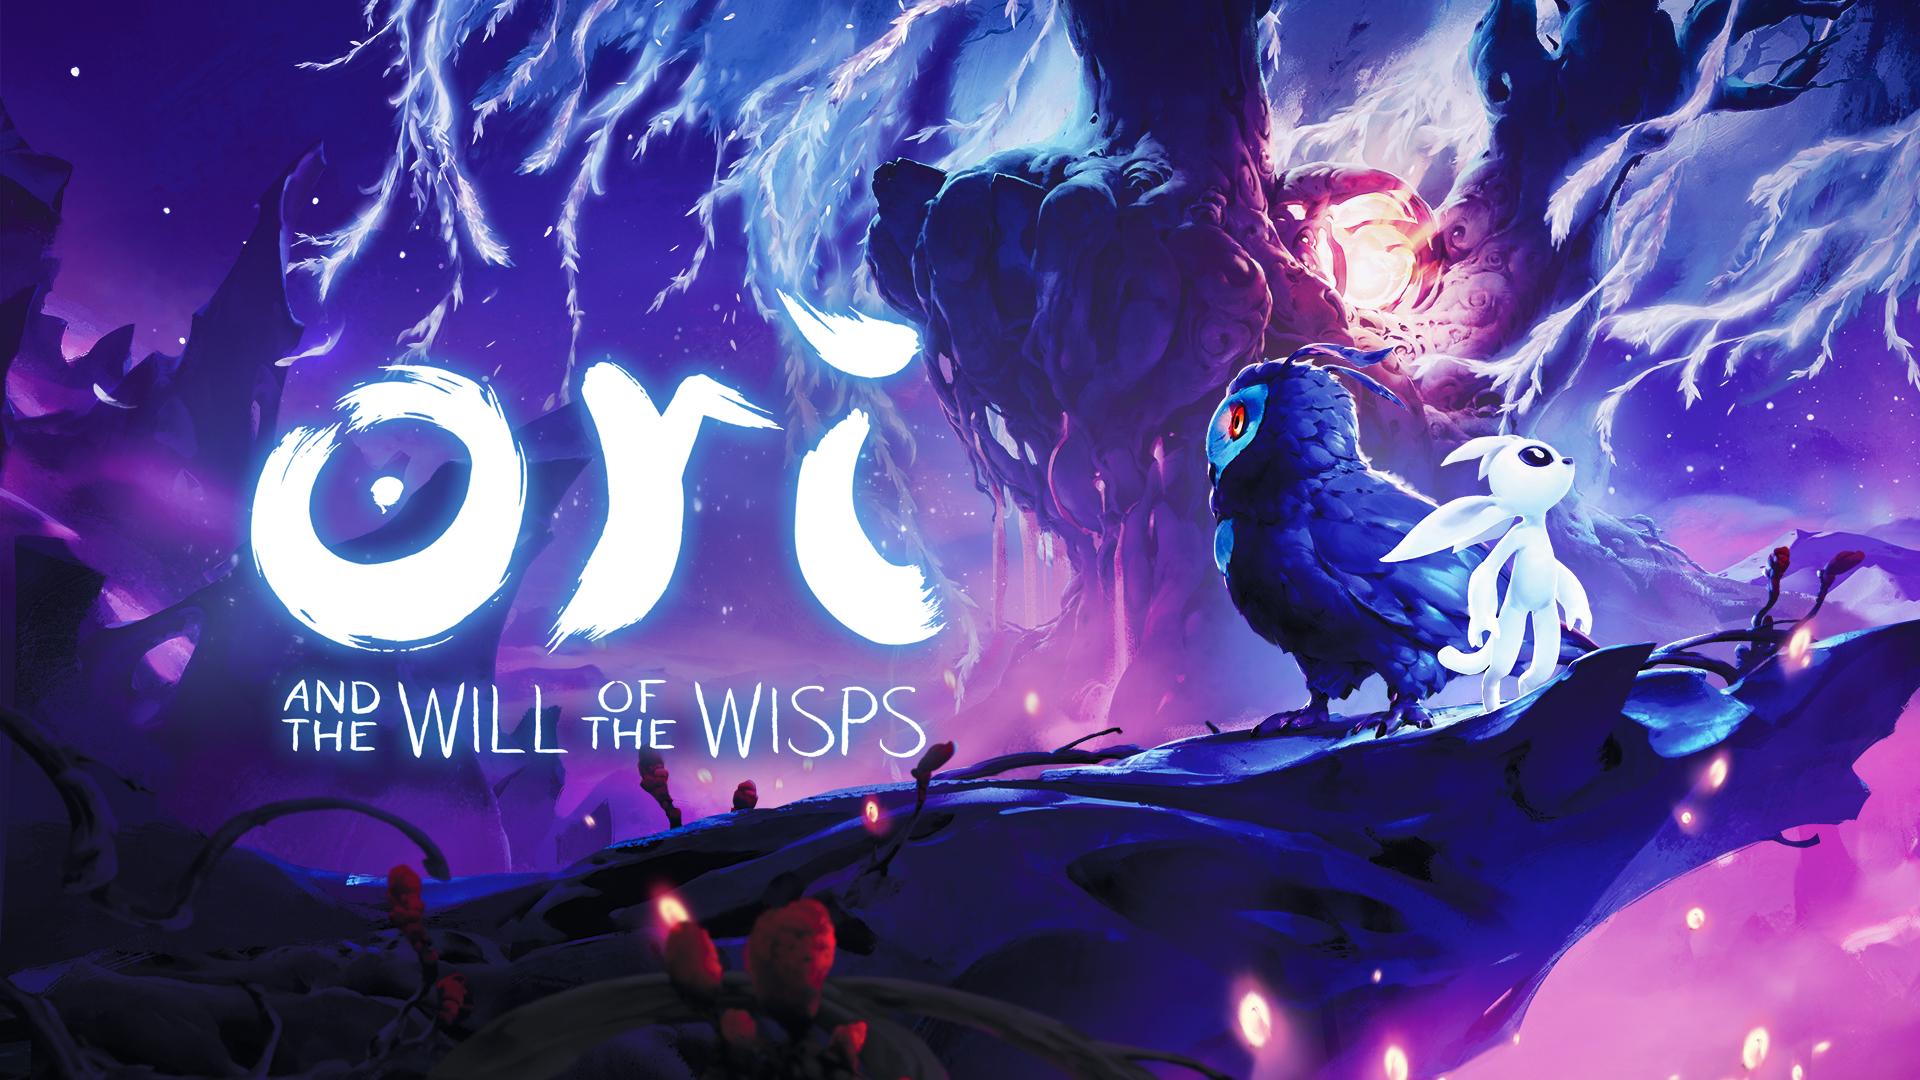 اطلاعات بهروزرسان جدید بازی Ori and the Will of the Wisps